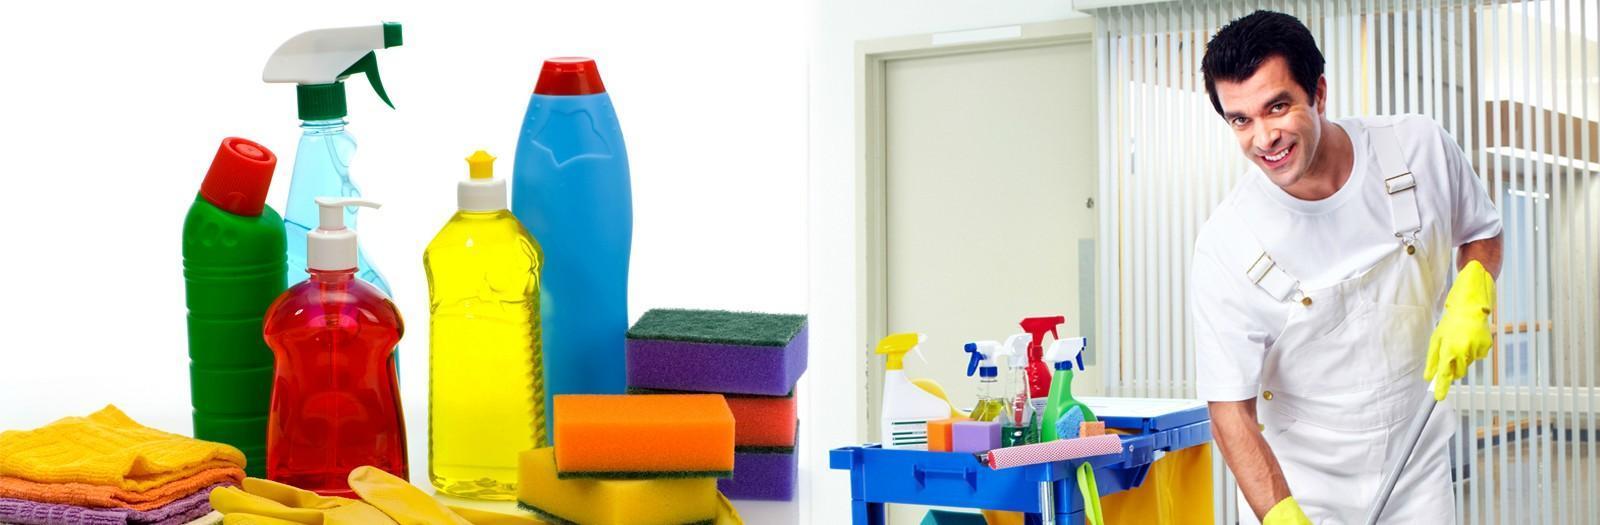 بالصور شركة تنظيف بالطائف , اهم شركات تنظيف المنازل بالطائف 502